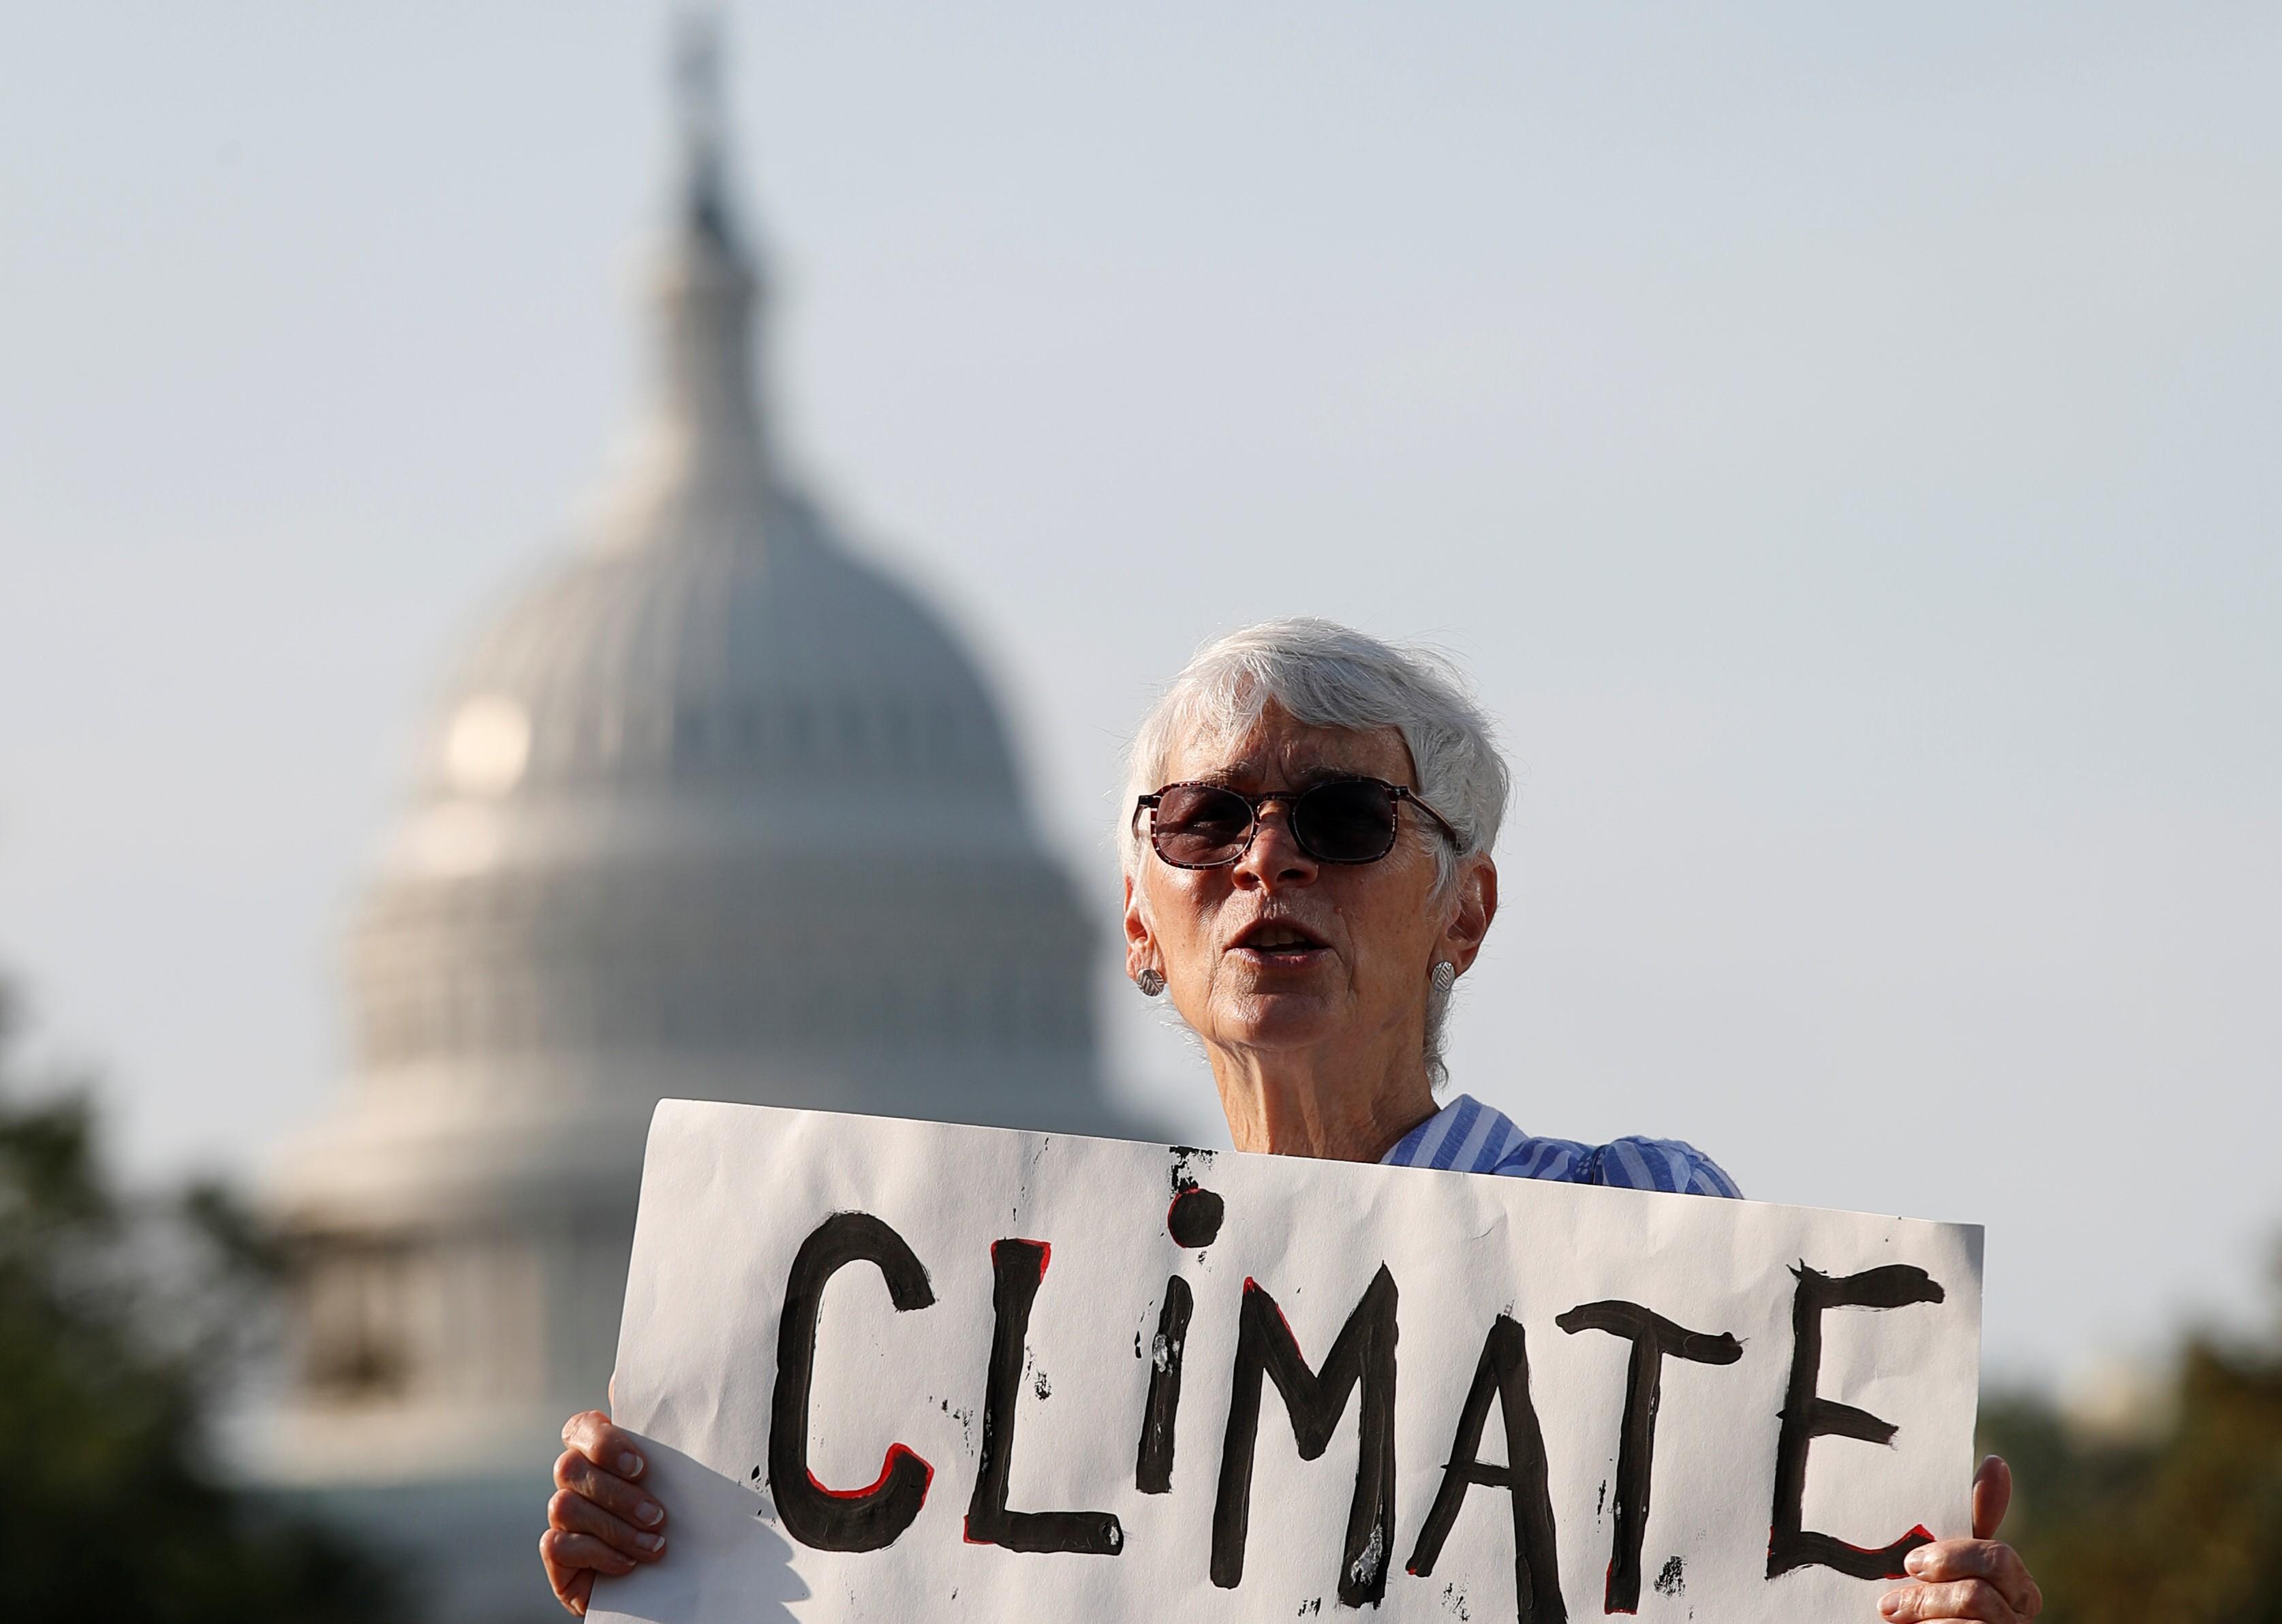 Protocolo de Kyoto foi marco na proteção climática, mas insuficiente